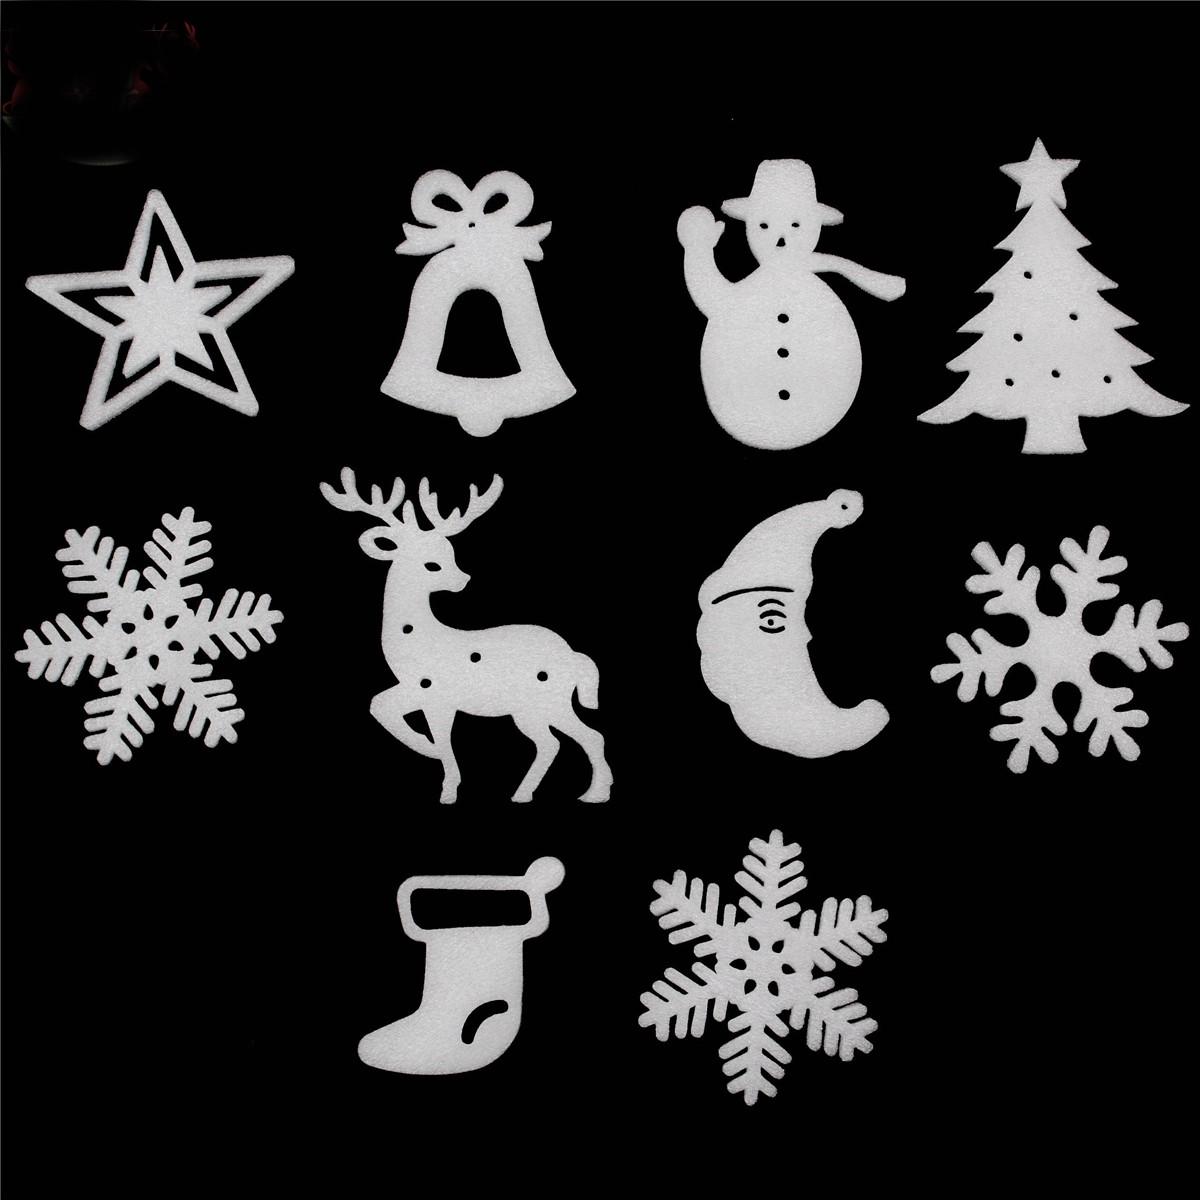 10pcs Christmas Xmas Wall Hanging Decoration Snowman Santa Clau Snowman Christmas Party Decoration